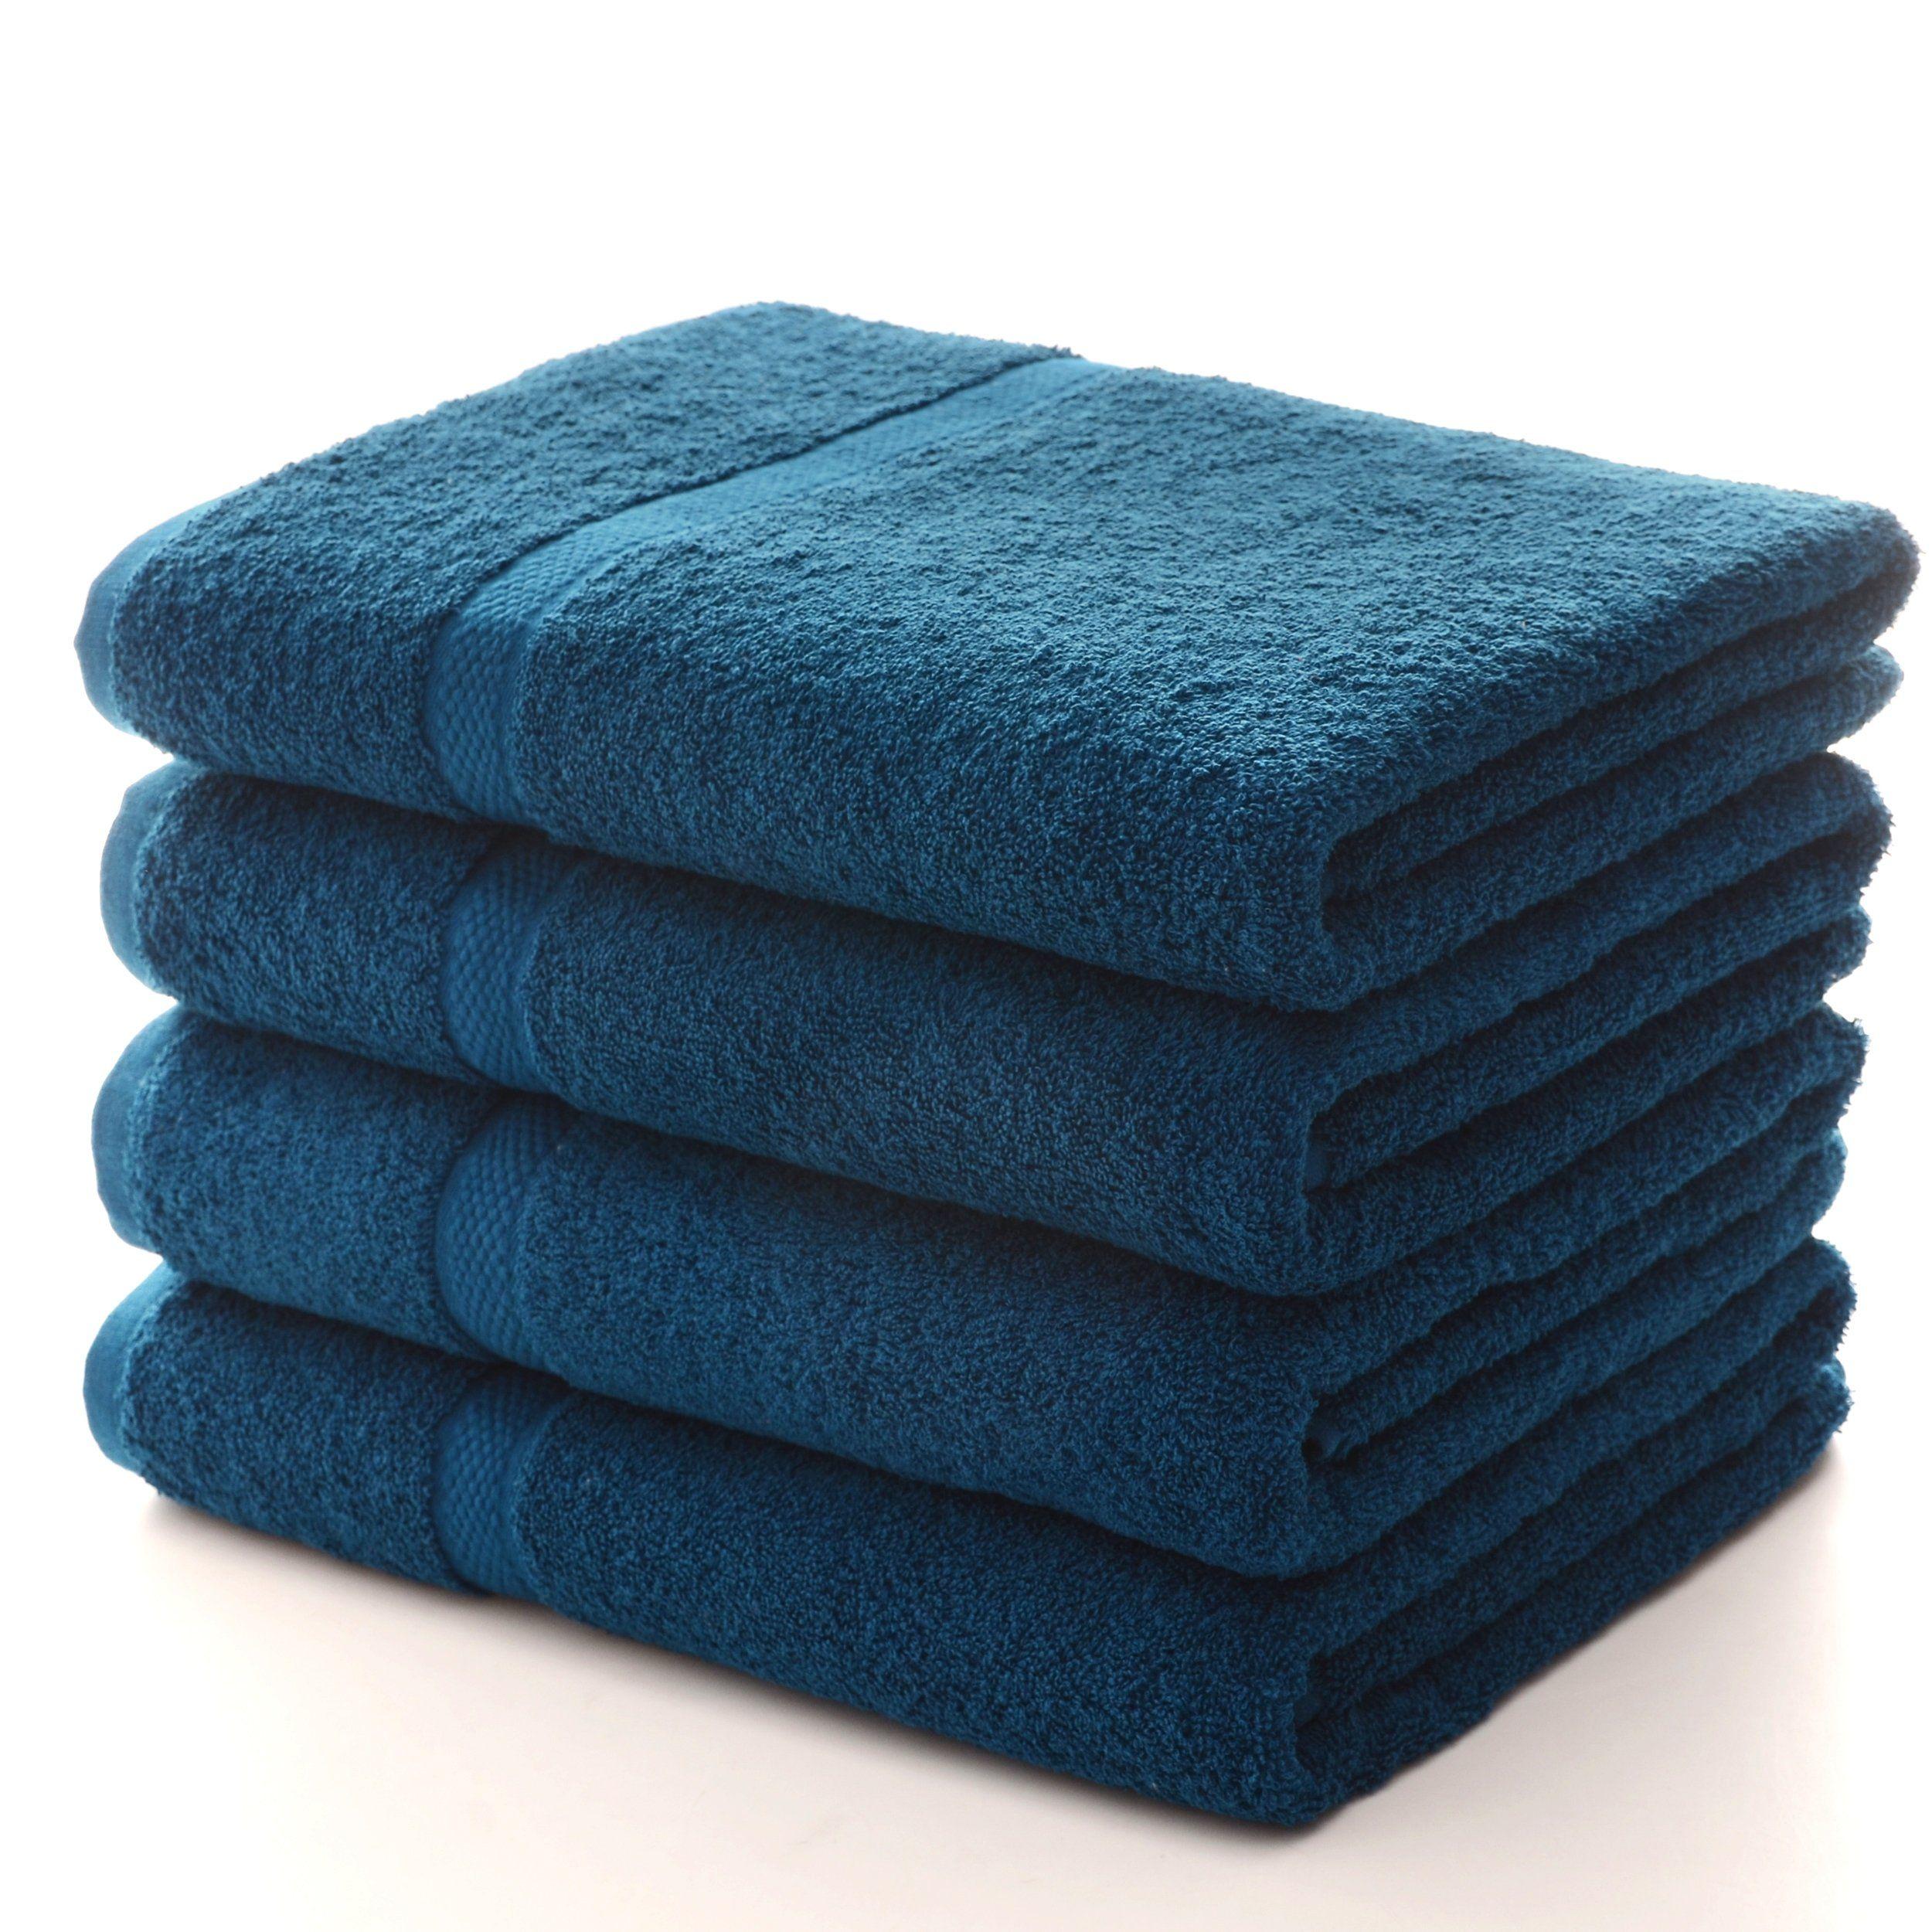 Soft Absorbent Bath Sheet Set Of 4 Multiple Color Options